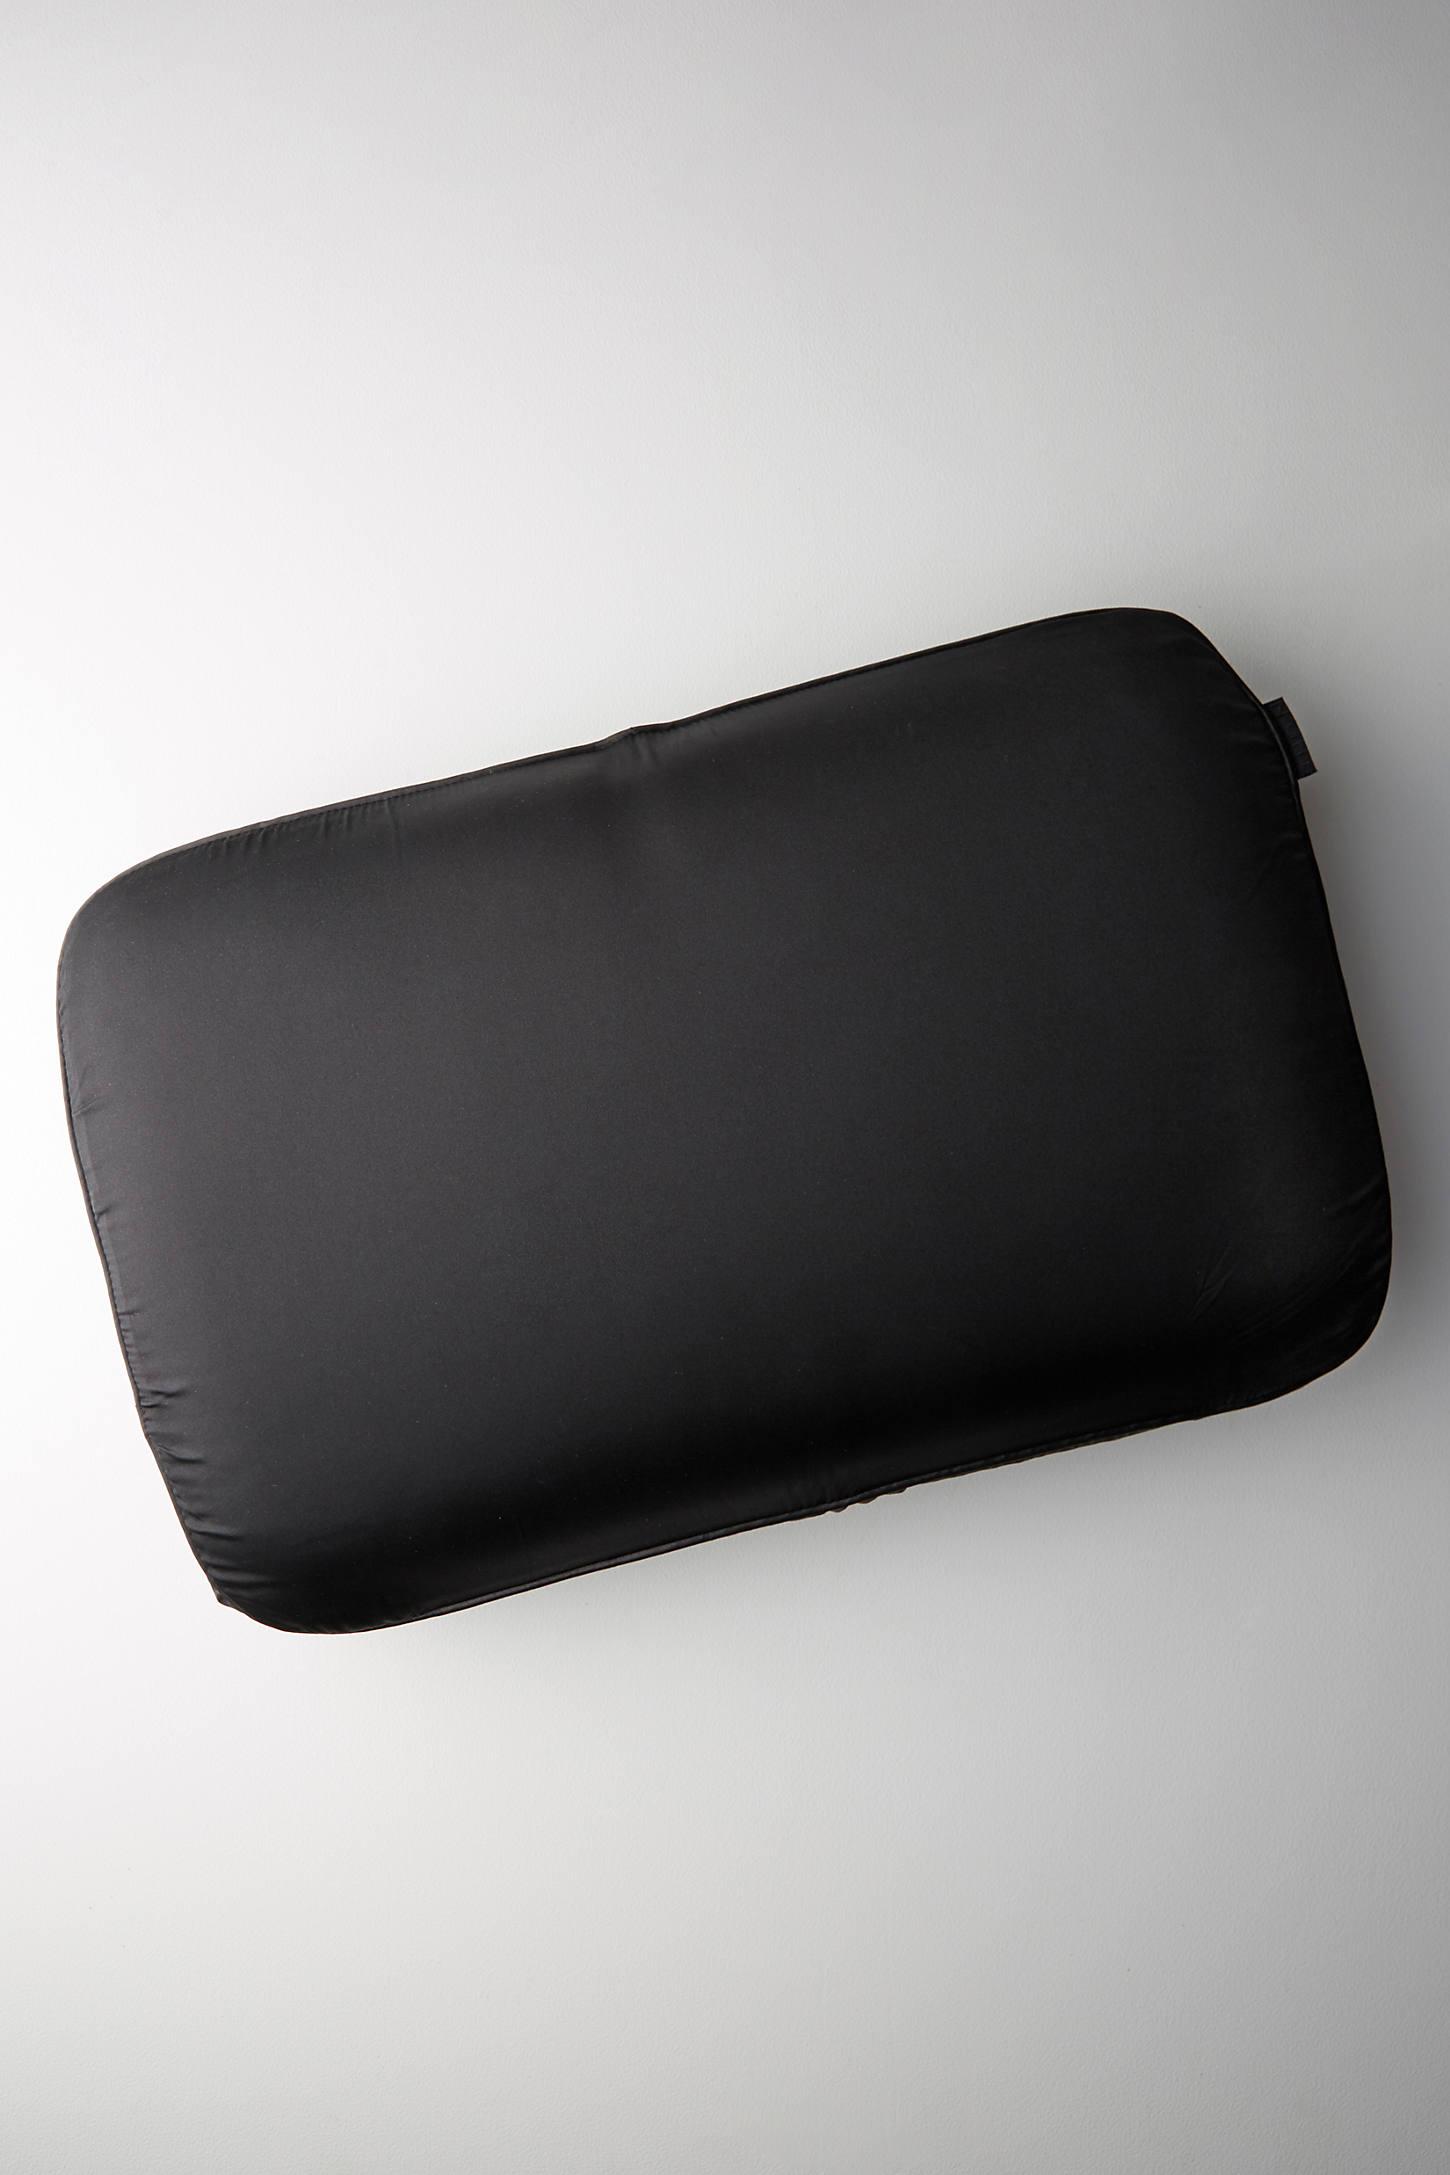 NIGHT King Pillow